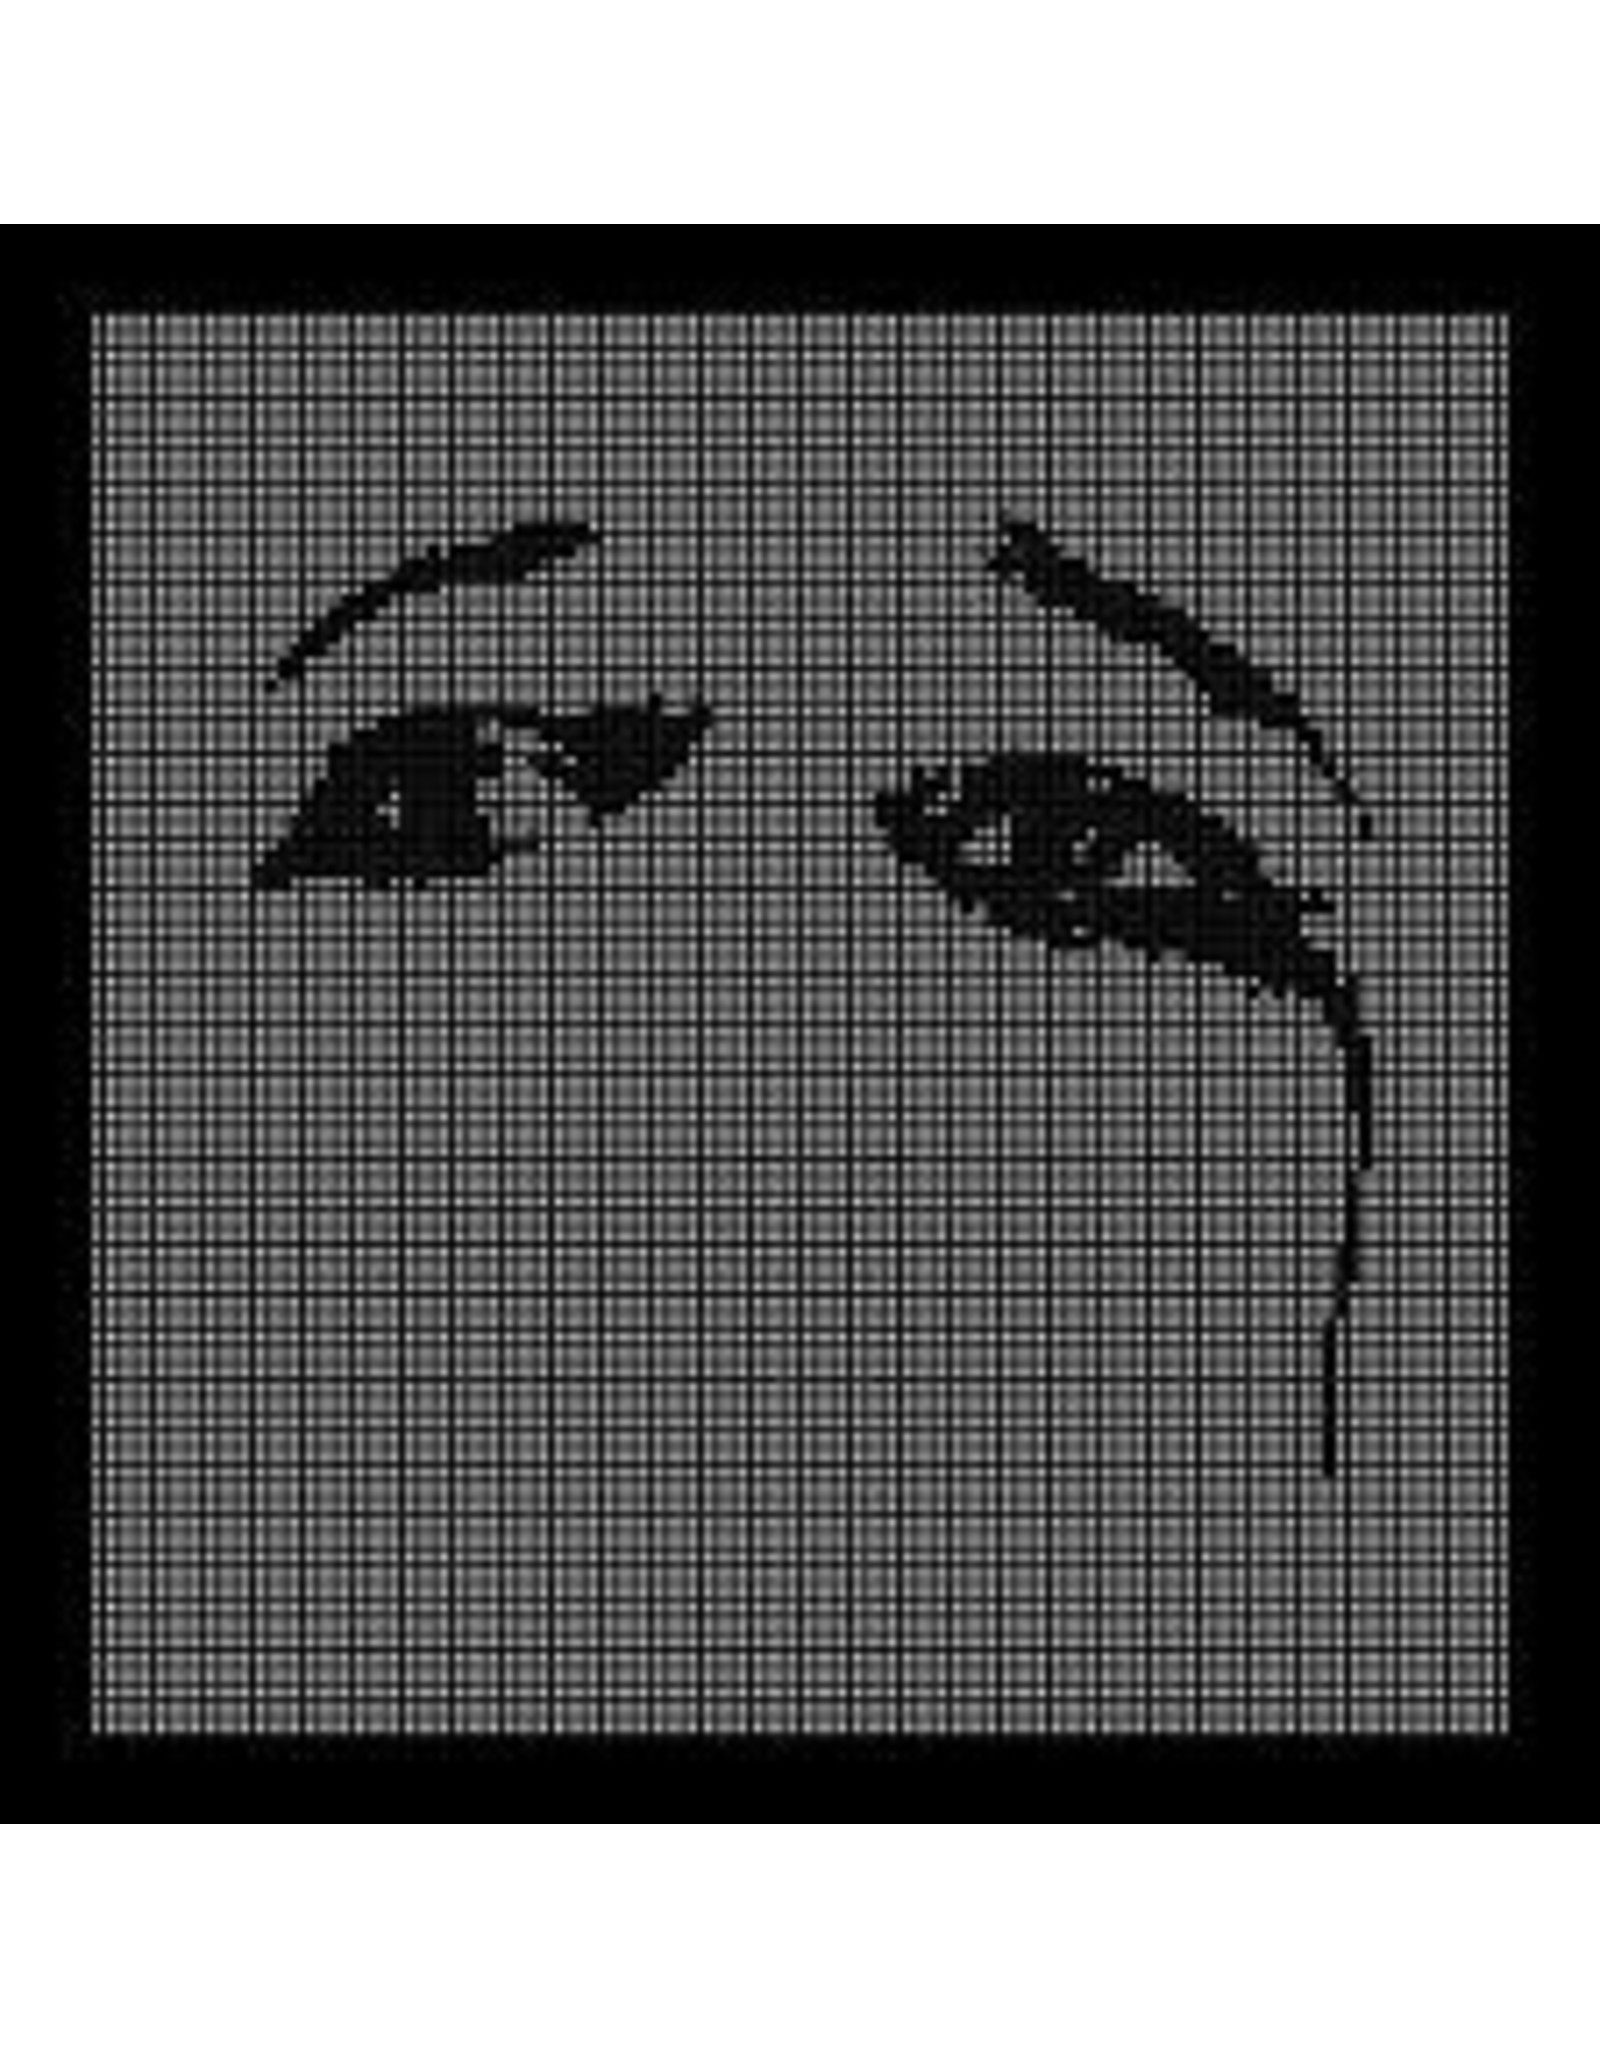 Deftones - Ohms LP